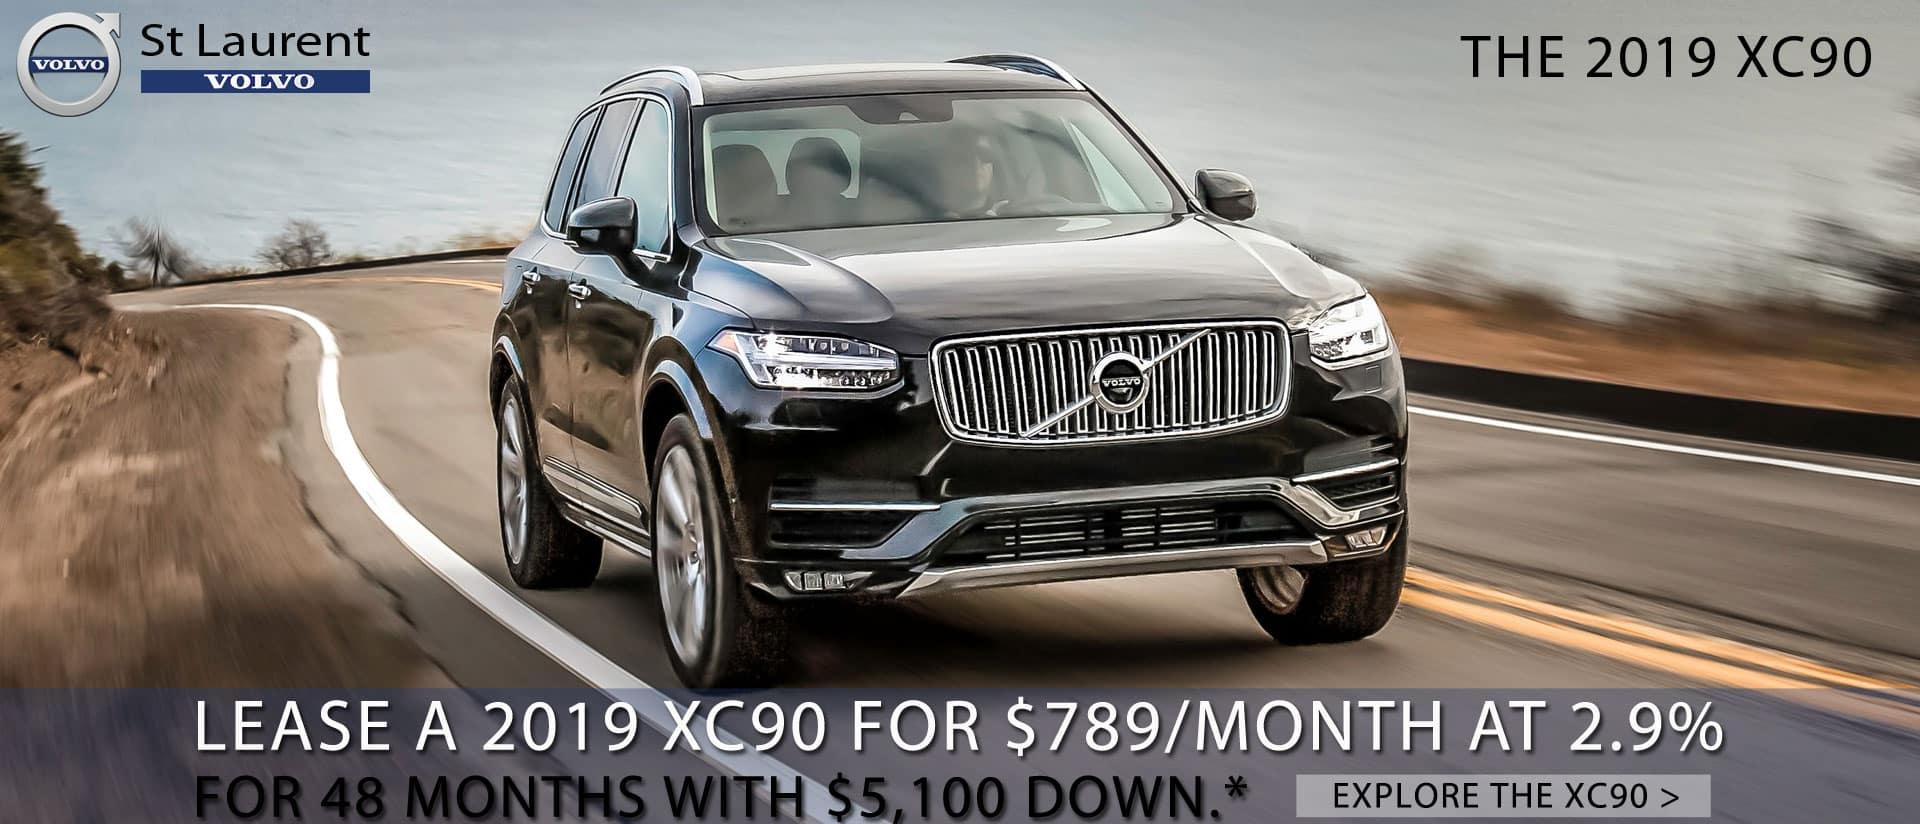 Volvo-National-Promo-april-xc90